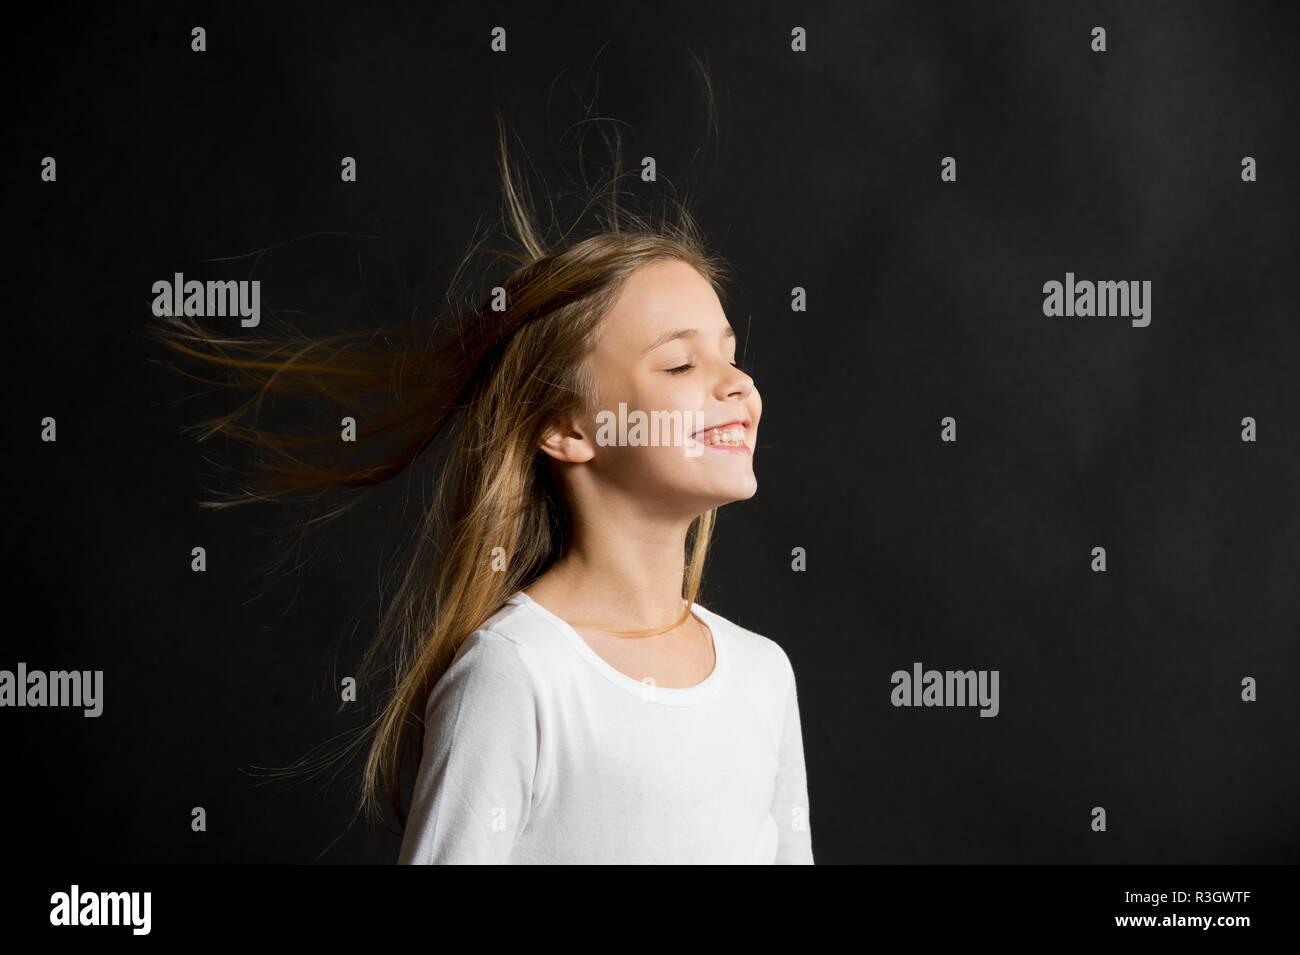 Natürlich Schönes Haar Mädchen Junge Lange Haare Fliegen In Die